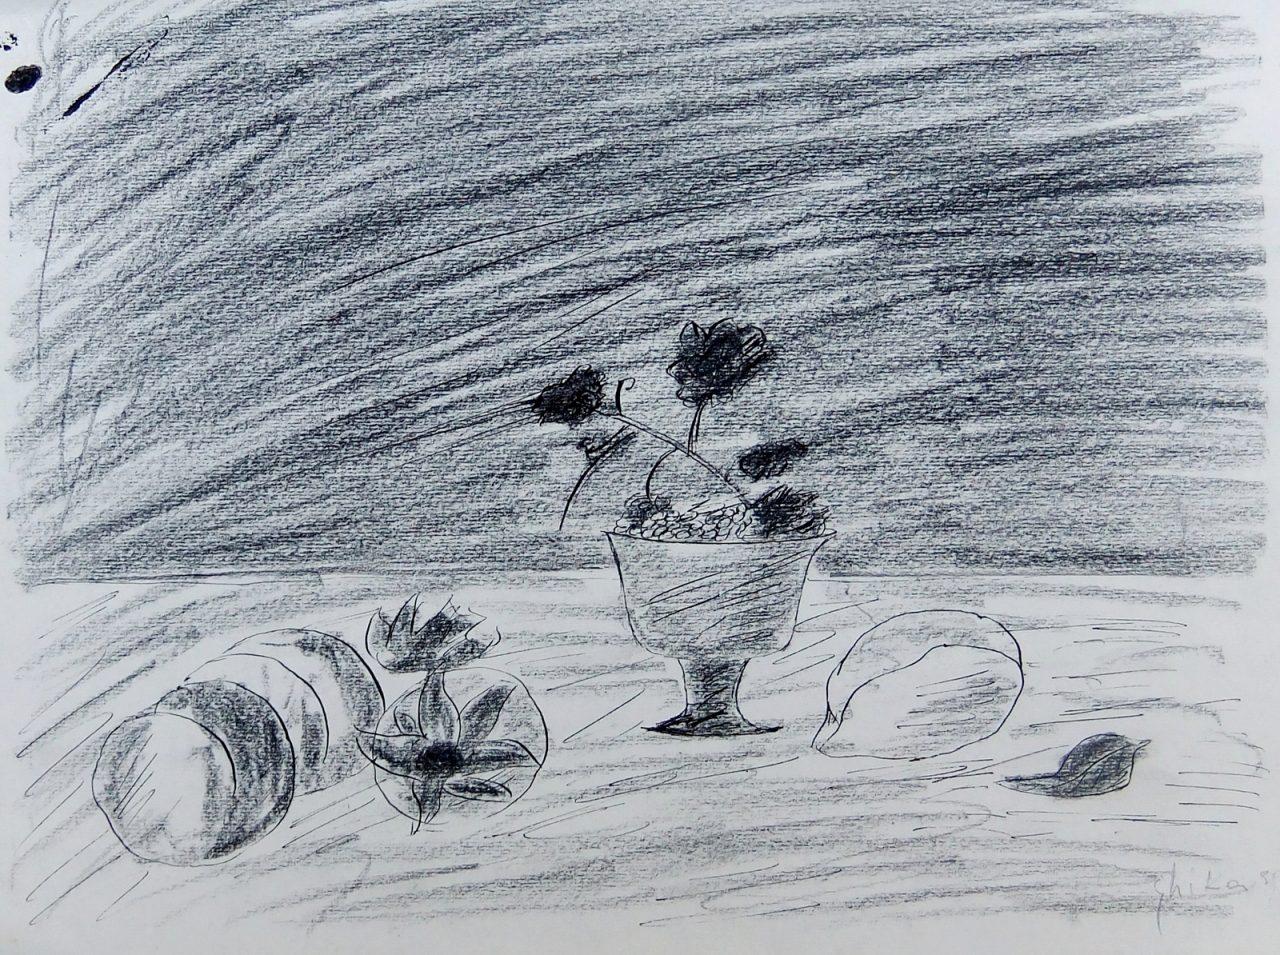 042. ΓΚΙΚΑΣ (ΧΑΤΖΗΚΥΡΙΑΚΟΣ)  Νίκος (1906-1994)